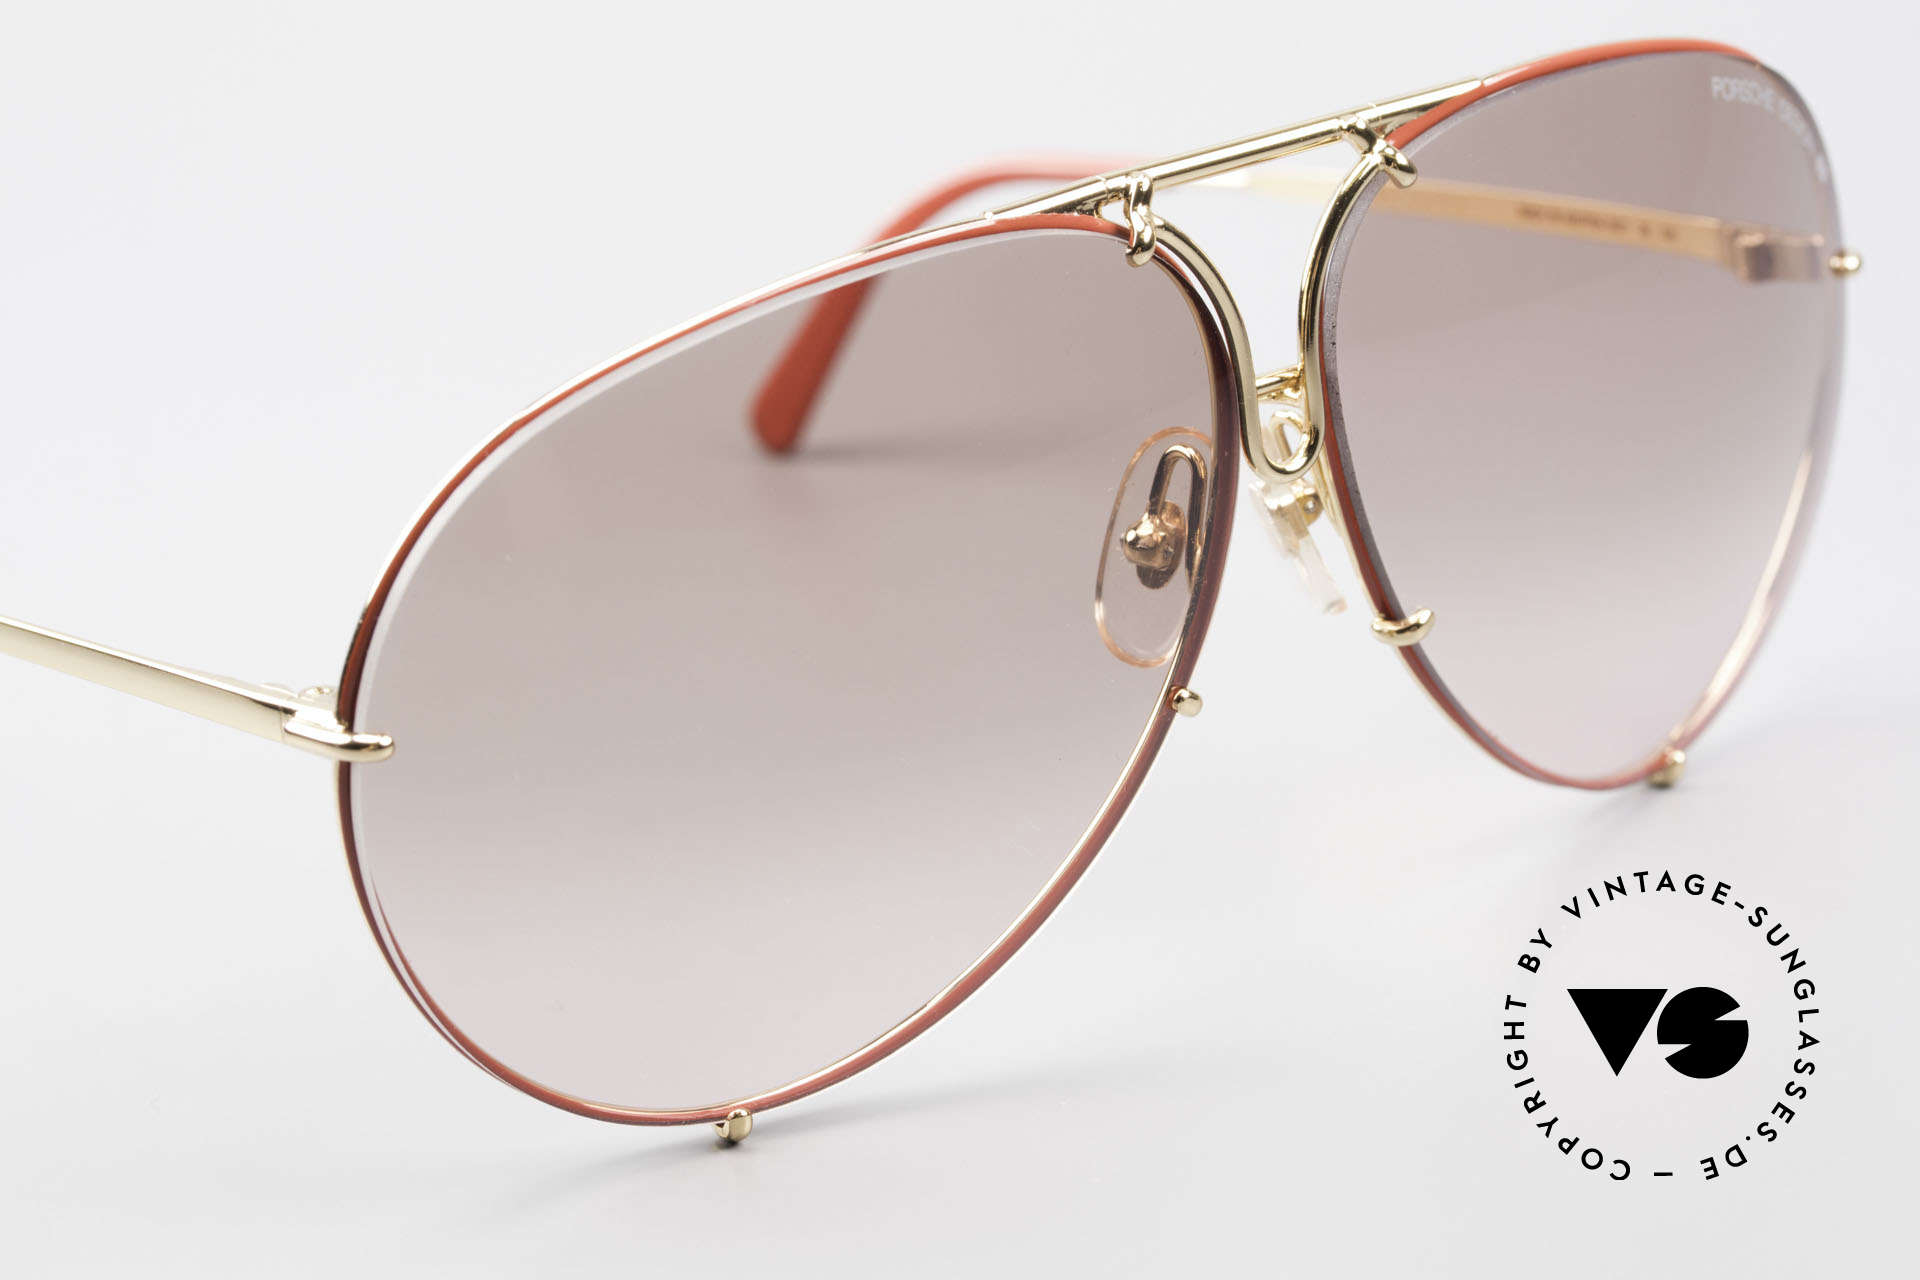 Porsche 5621 Rare 80er Brille Sonderedition, ungetragene 80er Rarität und KEINE RETRO-Brille!, Passend für Herren und Damen